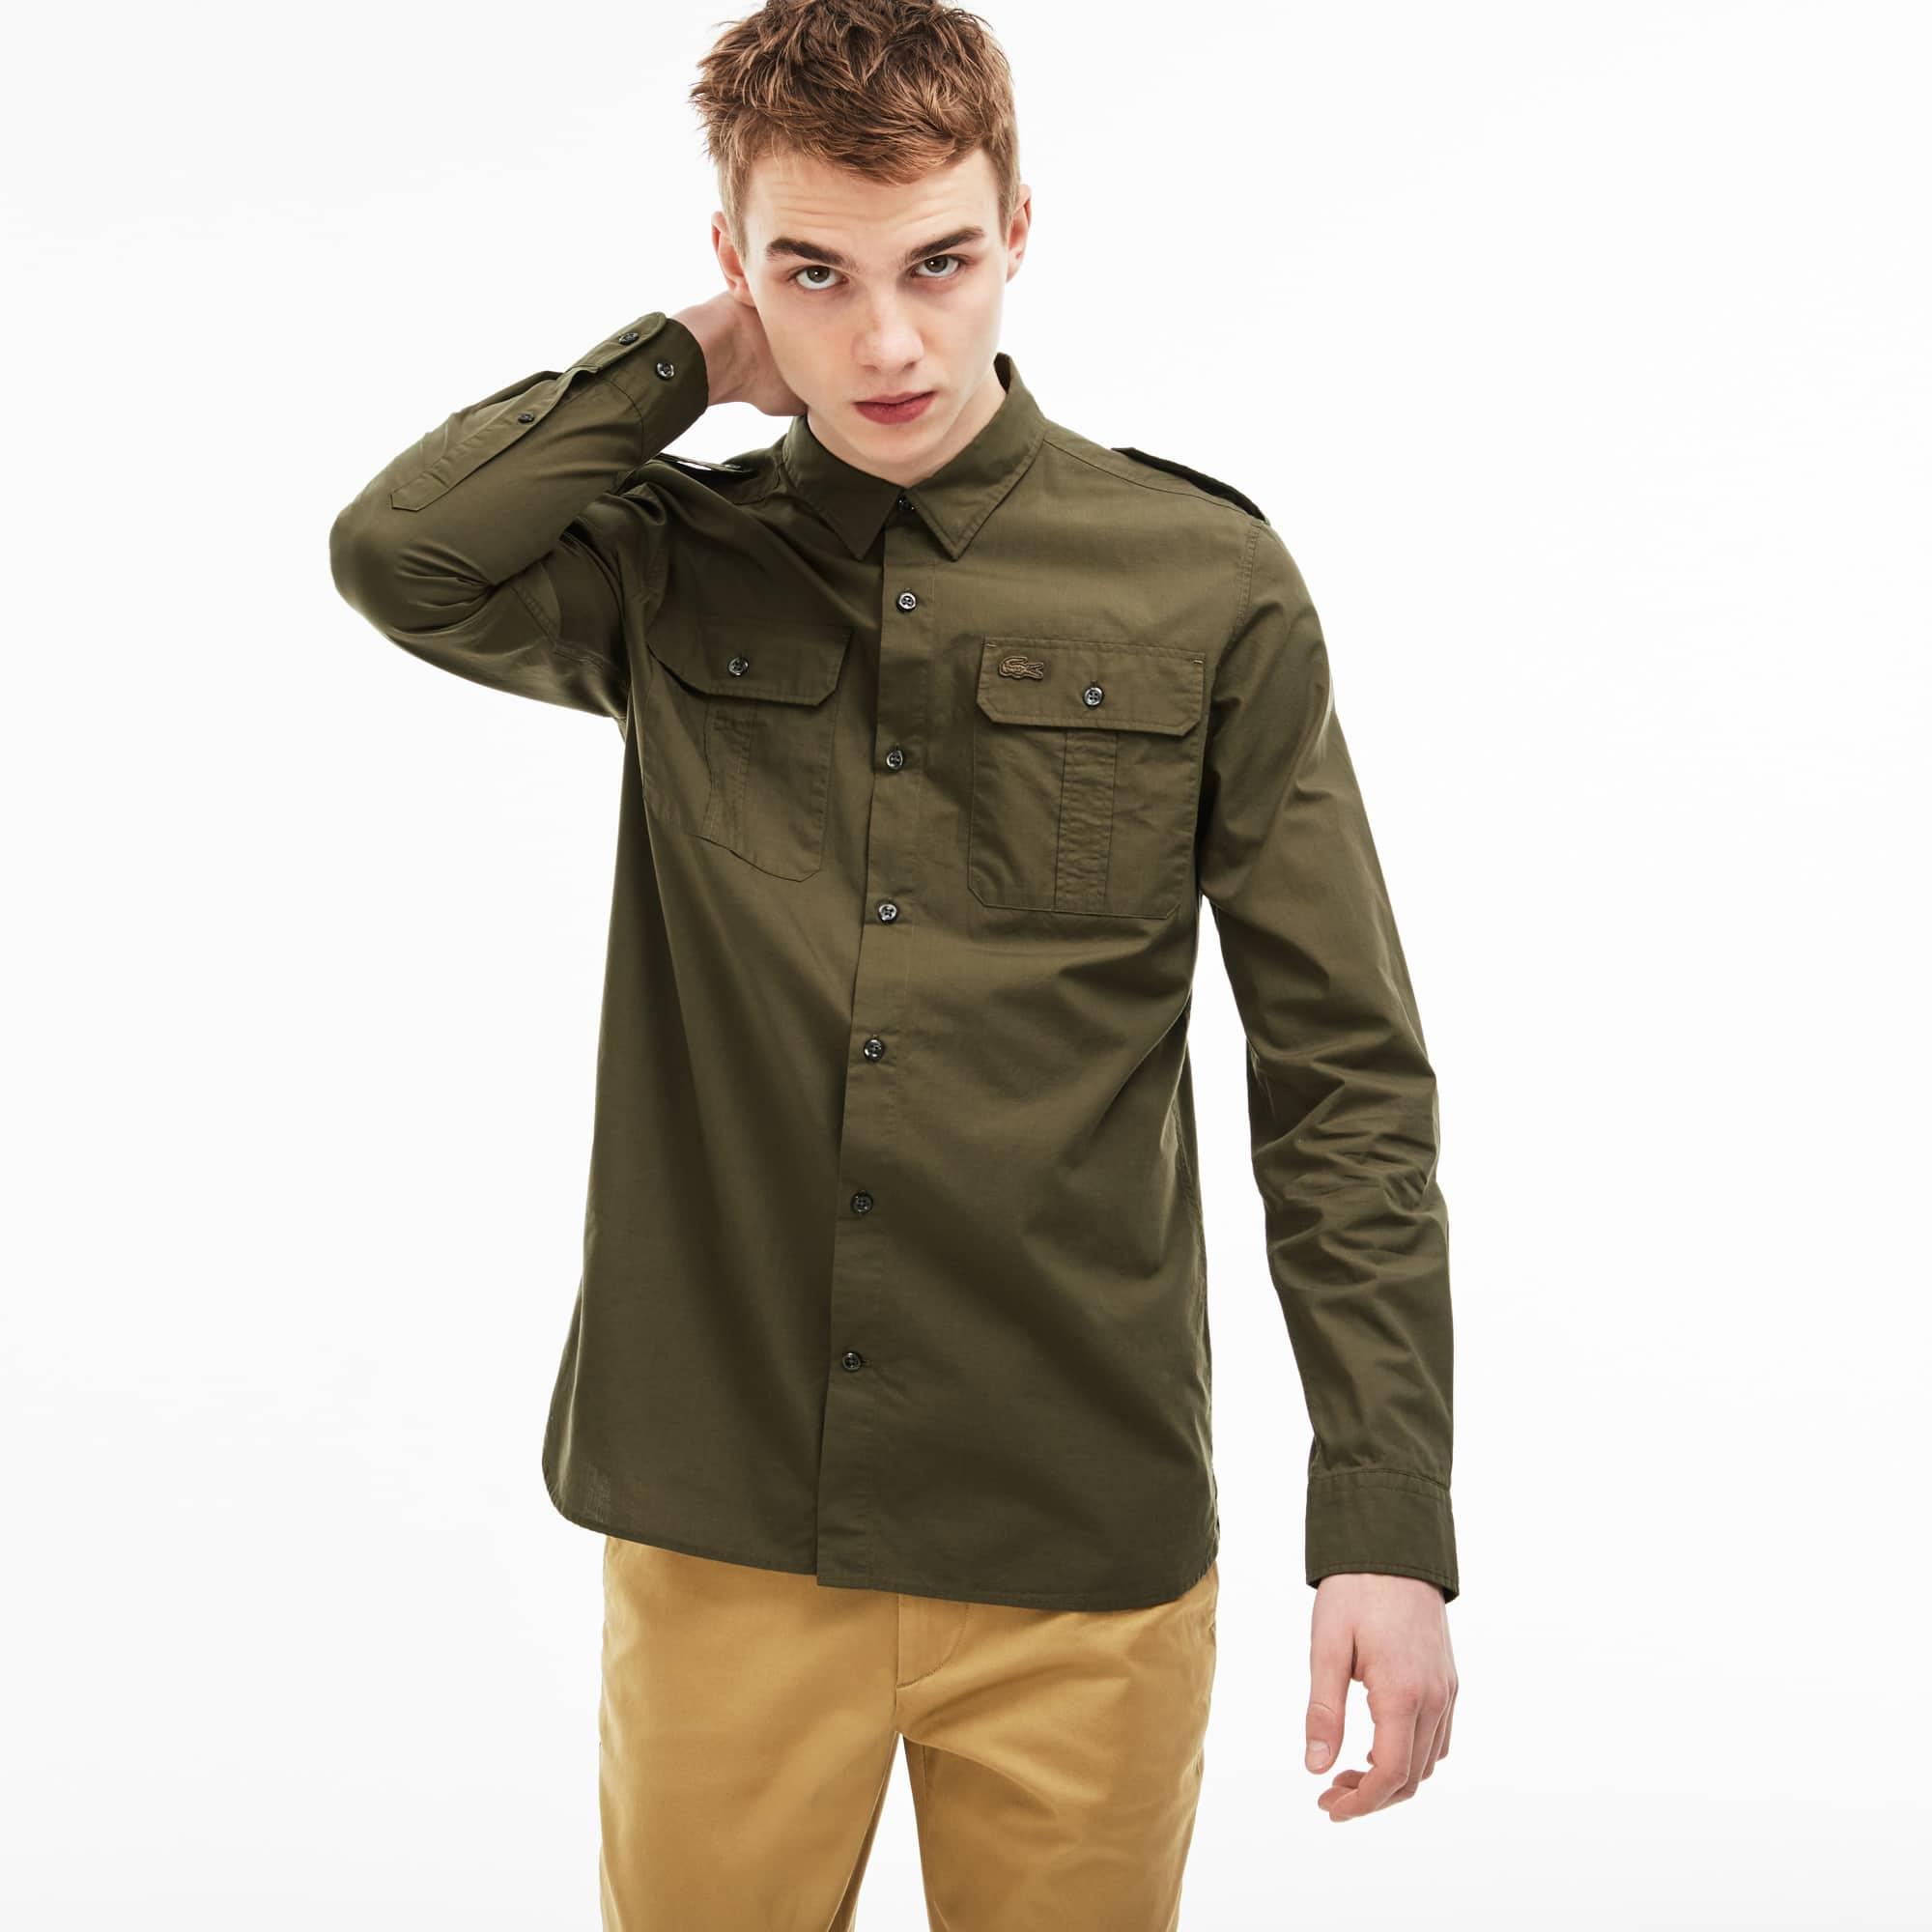 Skinny Fit Herren-Hemd aus Popeline mit Taschen  LACOSTE L!VE